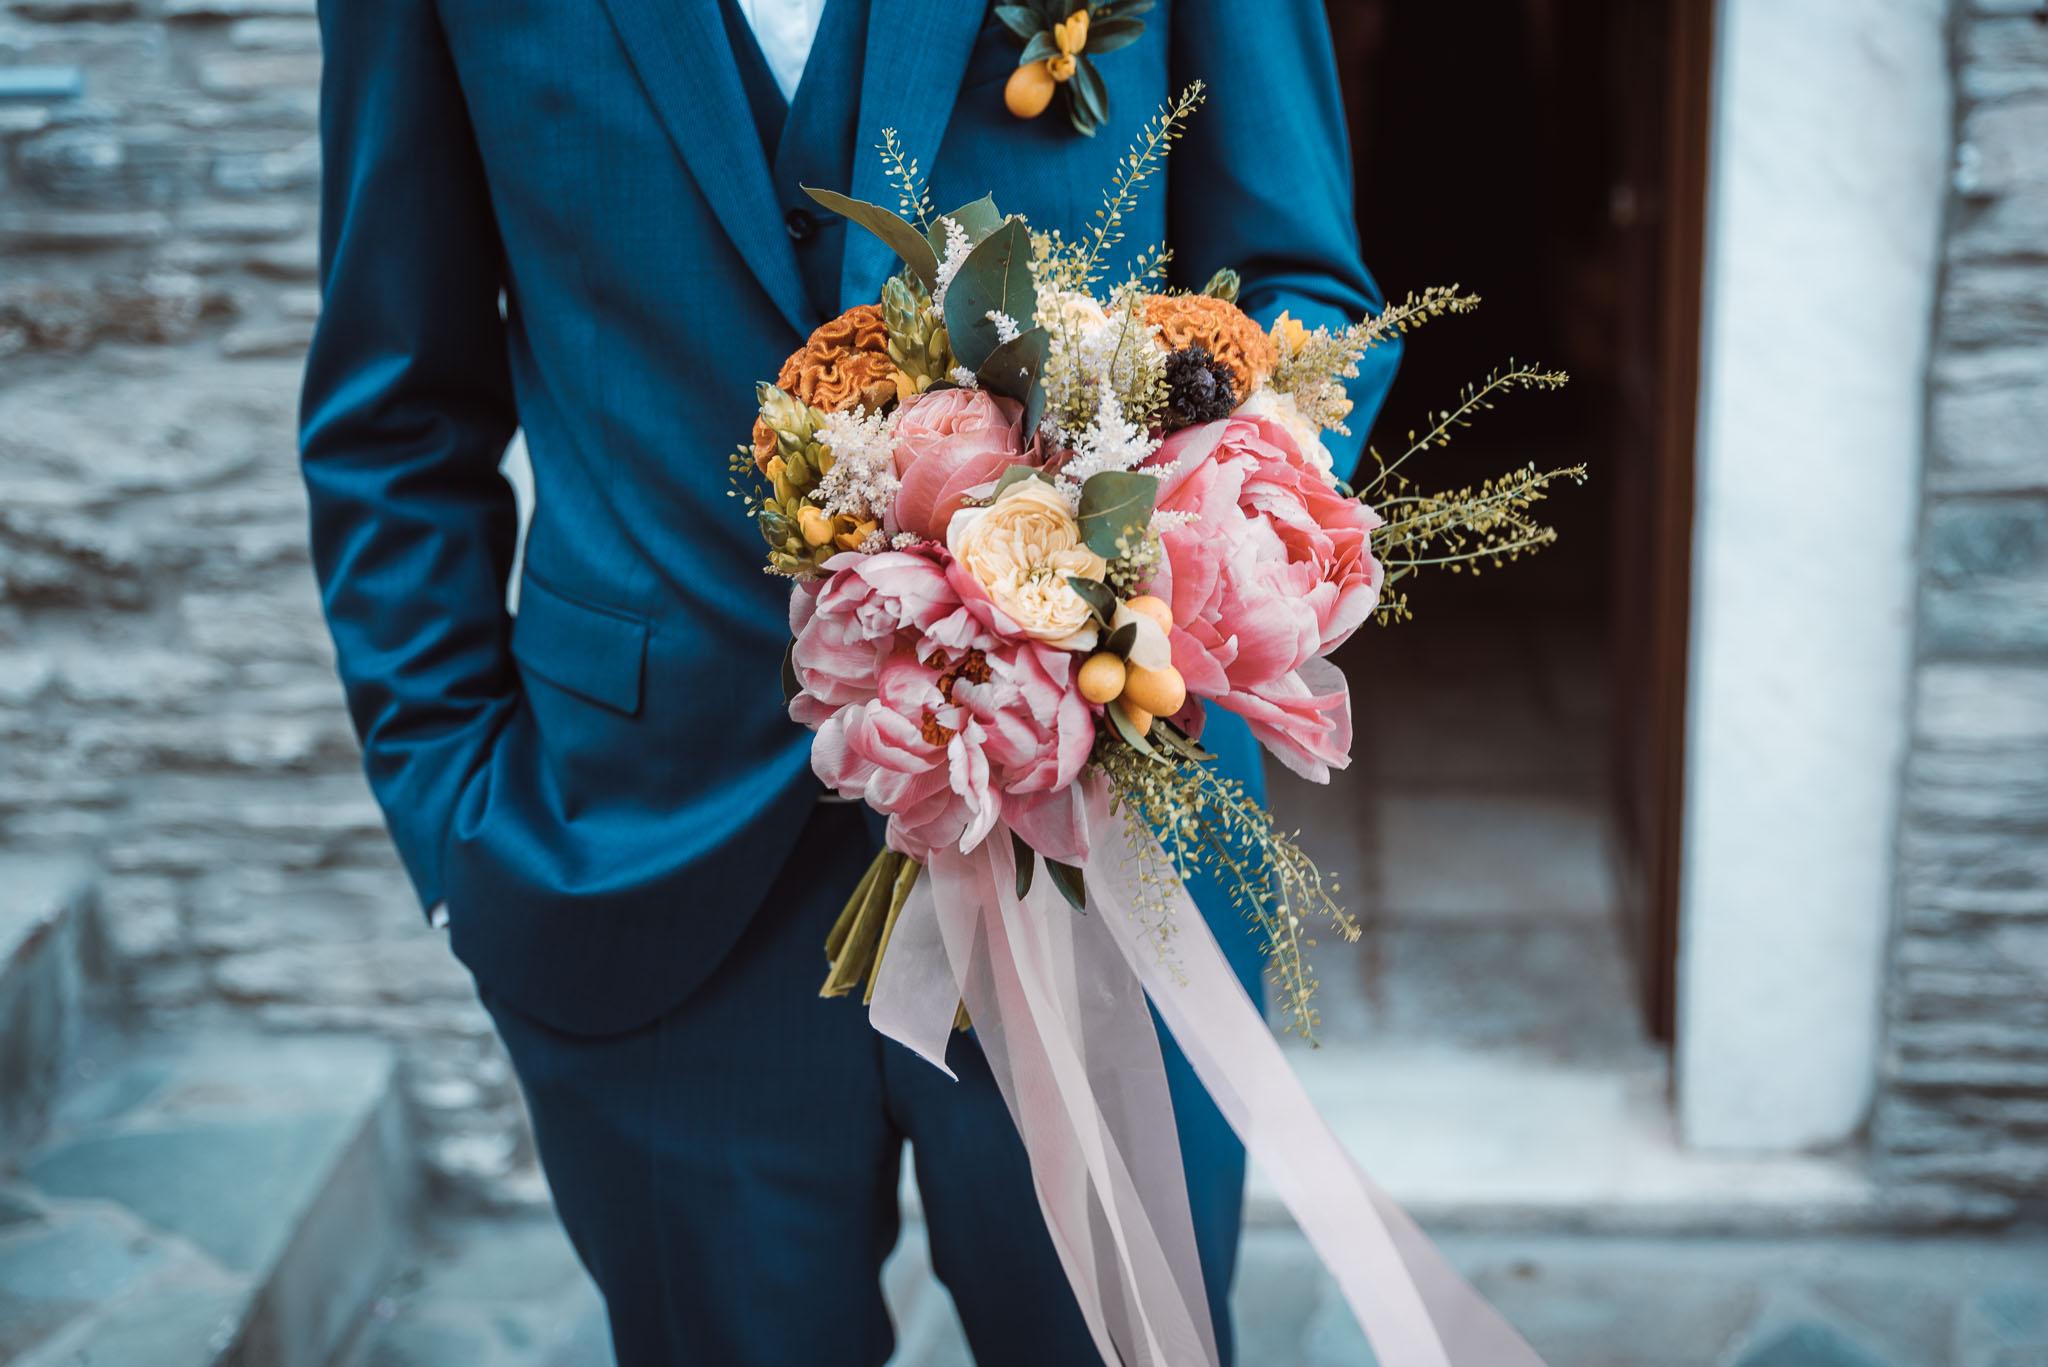 νυφική ανθοδέσμη στολισμός και οργάνωση γάμου